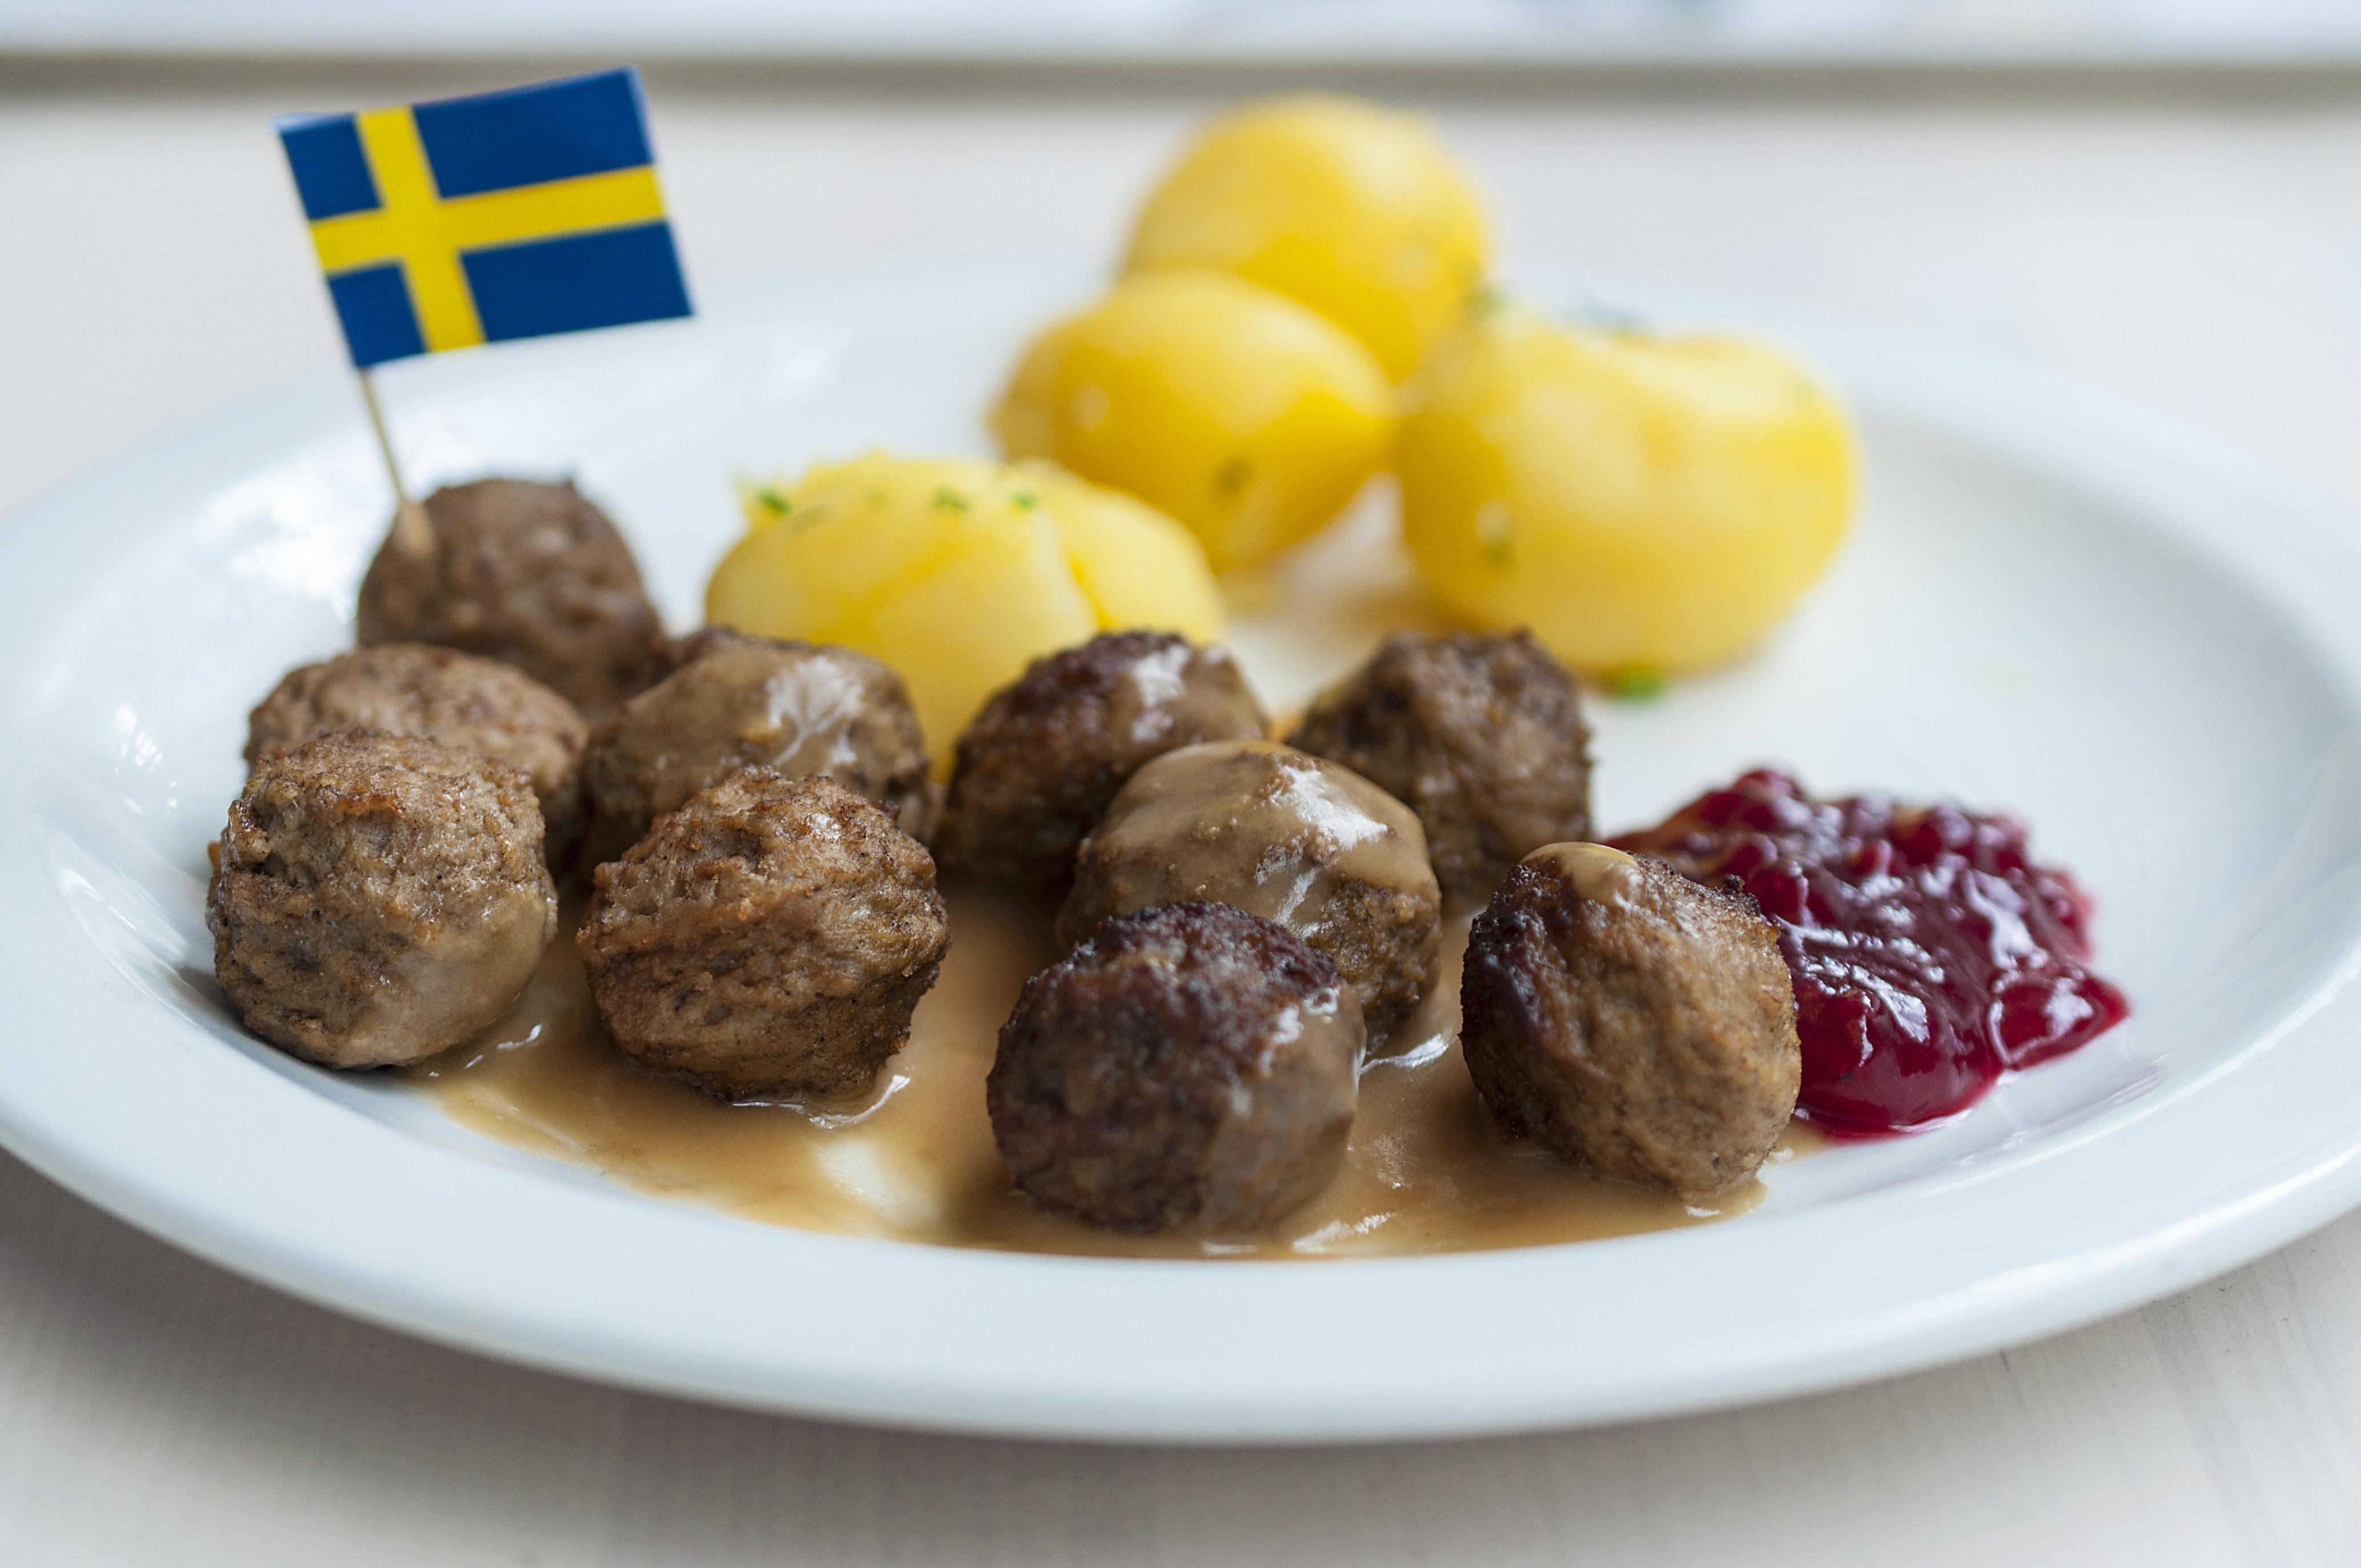 [공식입장] 스웨덴이 '미트볼은 사실 터키에서 왔다'고